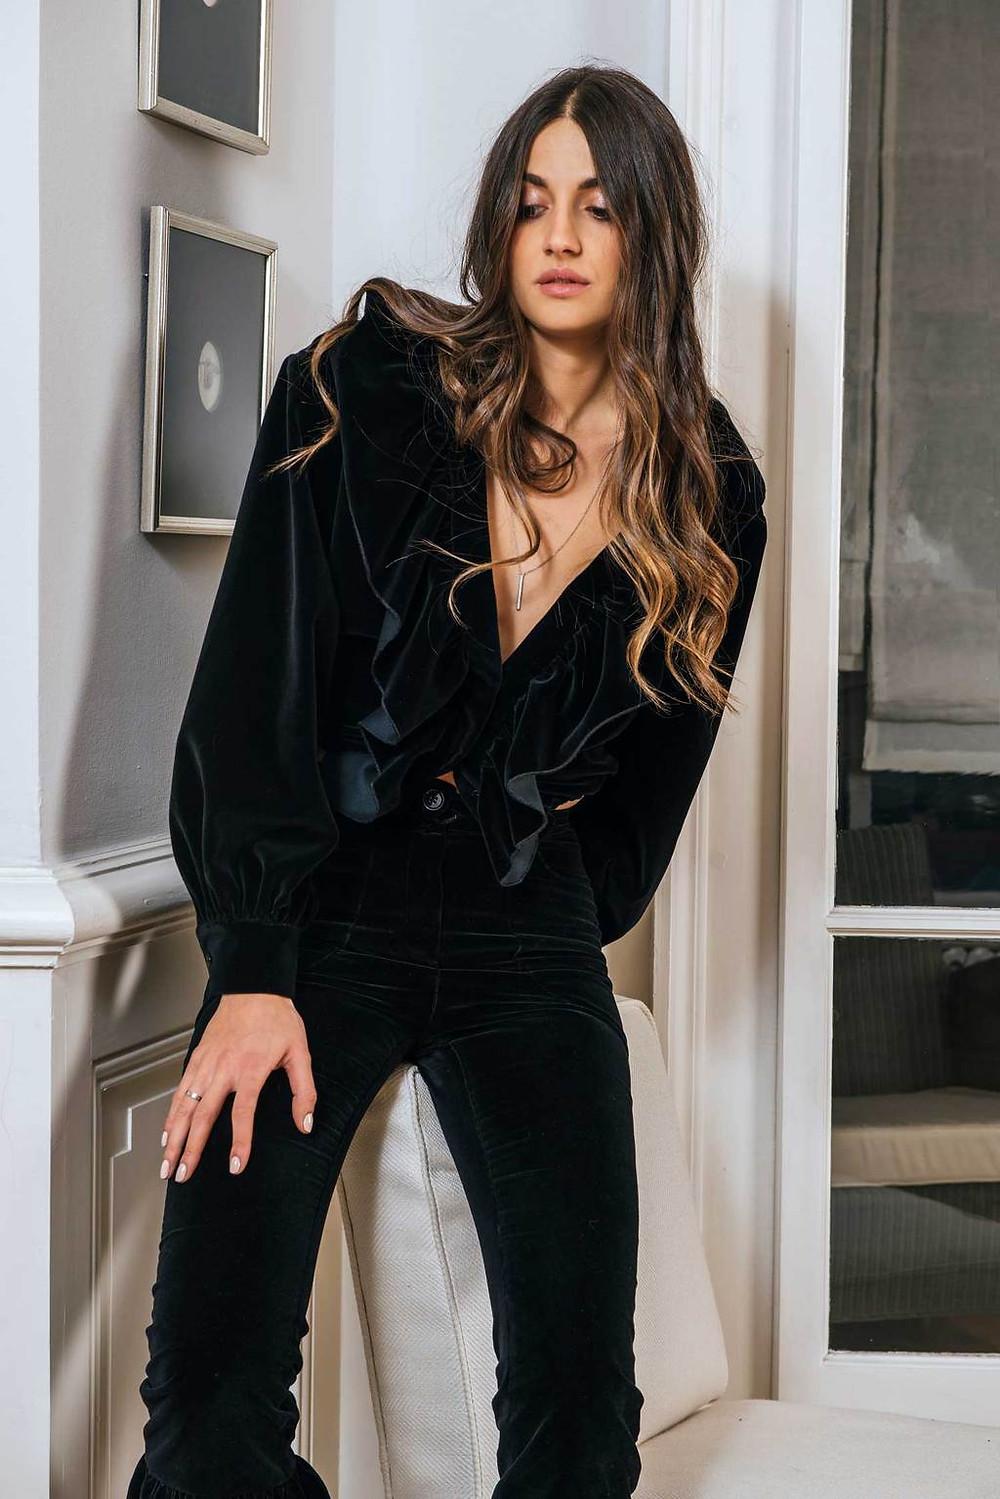 """""""Je ne suis pas dans la tendance, je m'inspire des femmes qui m'entourent"""", dixit Lorène Batchinsky, designer derrière la marque Baba Studio. Le jeune talent franco-suisse imagine en effet depuis peu des lignes féminines pour des femmes modernes et lookées.   Créant d'abord pour ses proches. la diplômée du célèbre Studio Berçot développe rapidement l'ambition de proposer à toutes des vêtements polyvalents ; portables de jour comme de nuit. C'est tout l'esprit de """"Première collection"""". Cet assortiment à l'appellation franche et directe n'en reste pas moins subtil et raffiné. La gamme privilégie les volants, qui ornent chaque pièce d'une fantaisie un brin ibérique. lnspirée par ses voyages, la collection de Lorène est surtout familiale. Les broderies cousues main, comme le faisait sa grand-mère, insufflent une aura folk ukrainienne en rappel à ses origines. Pourquoi Baba? C'est ainsi que la créatrice appelait son père, qui fut son premier fan. Topwalk Magazine 2019. Melissa N'Dila pour Femina 2019."""